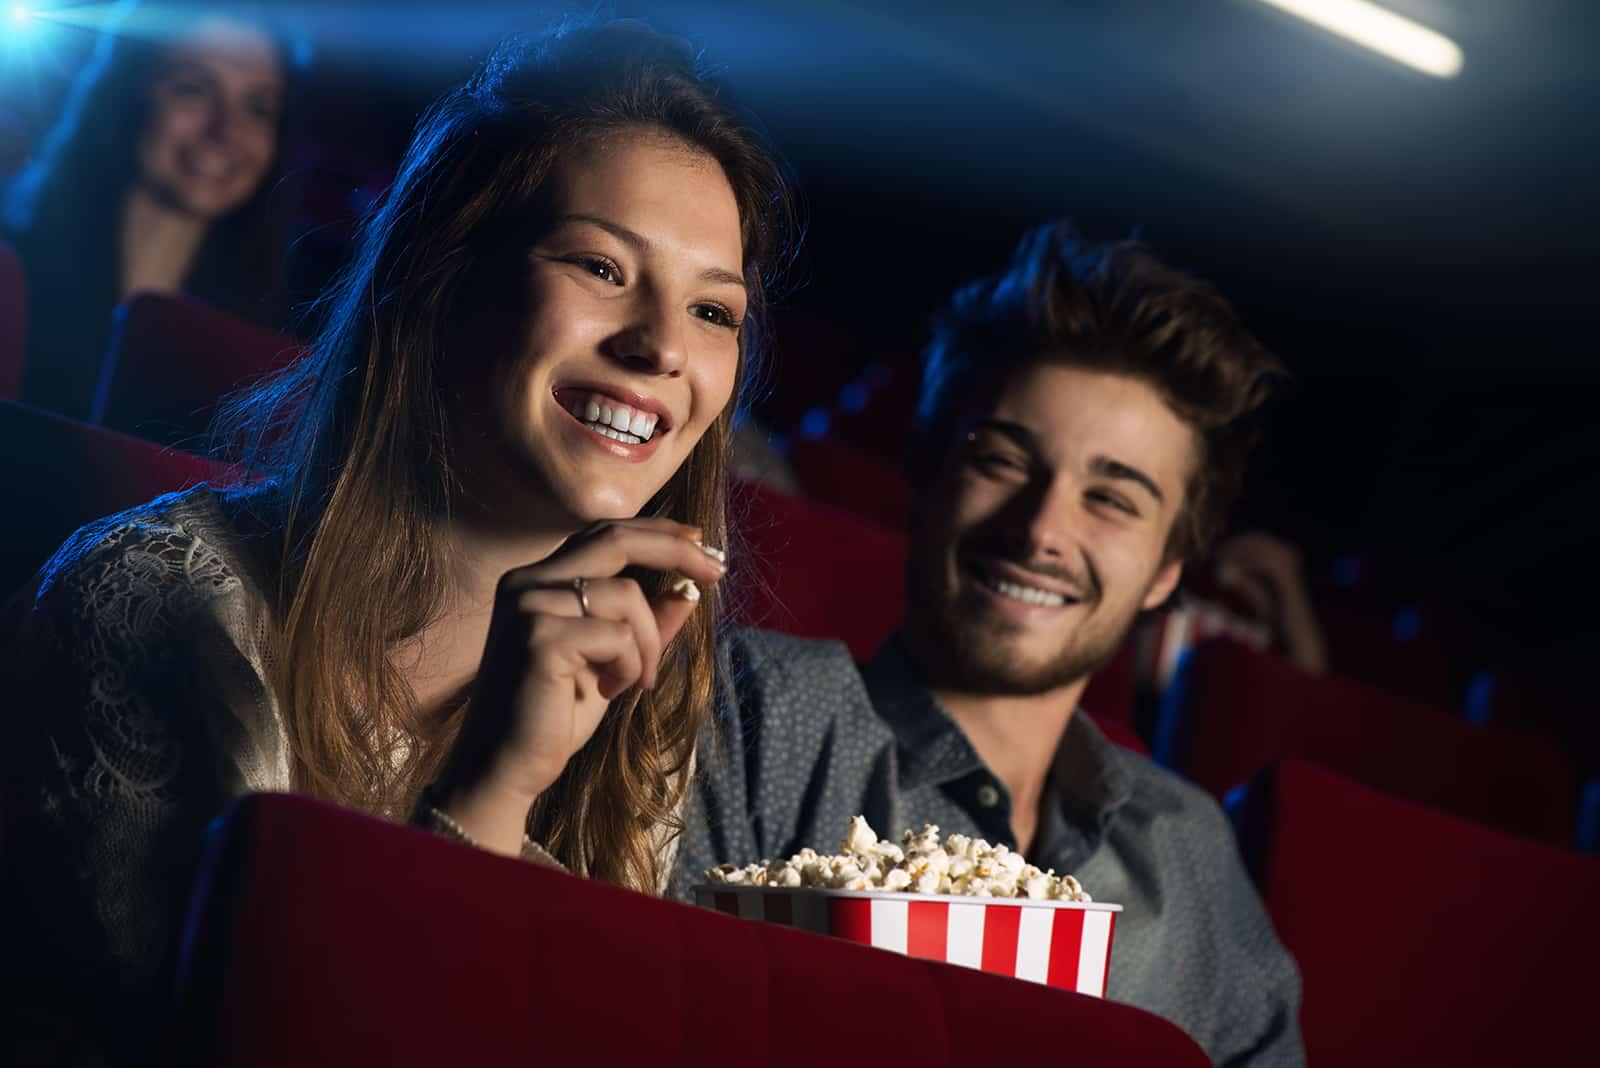 ein liebendes Paar, das in einem Kino sitzt, Popcorn isst und Spaß hat